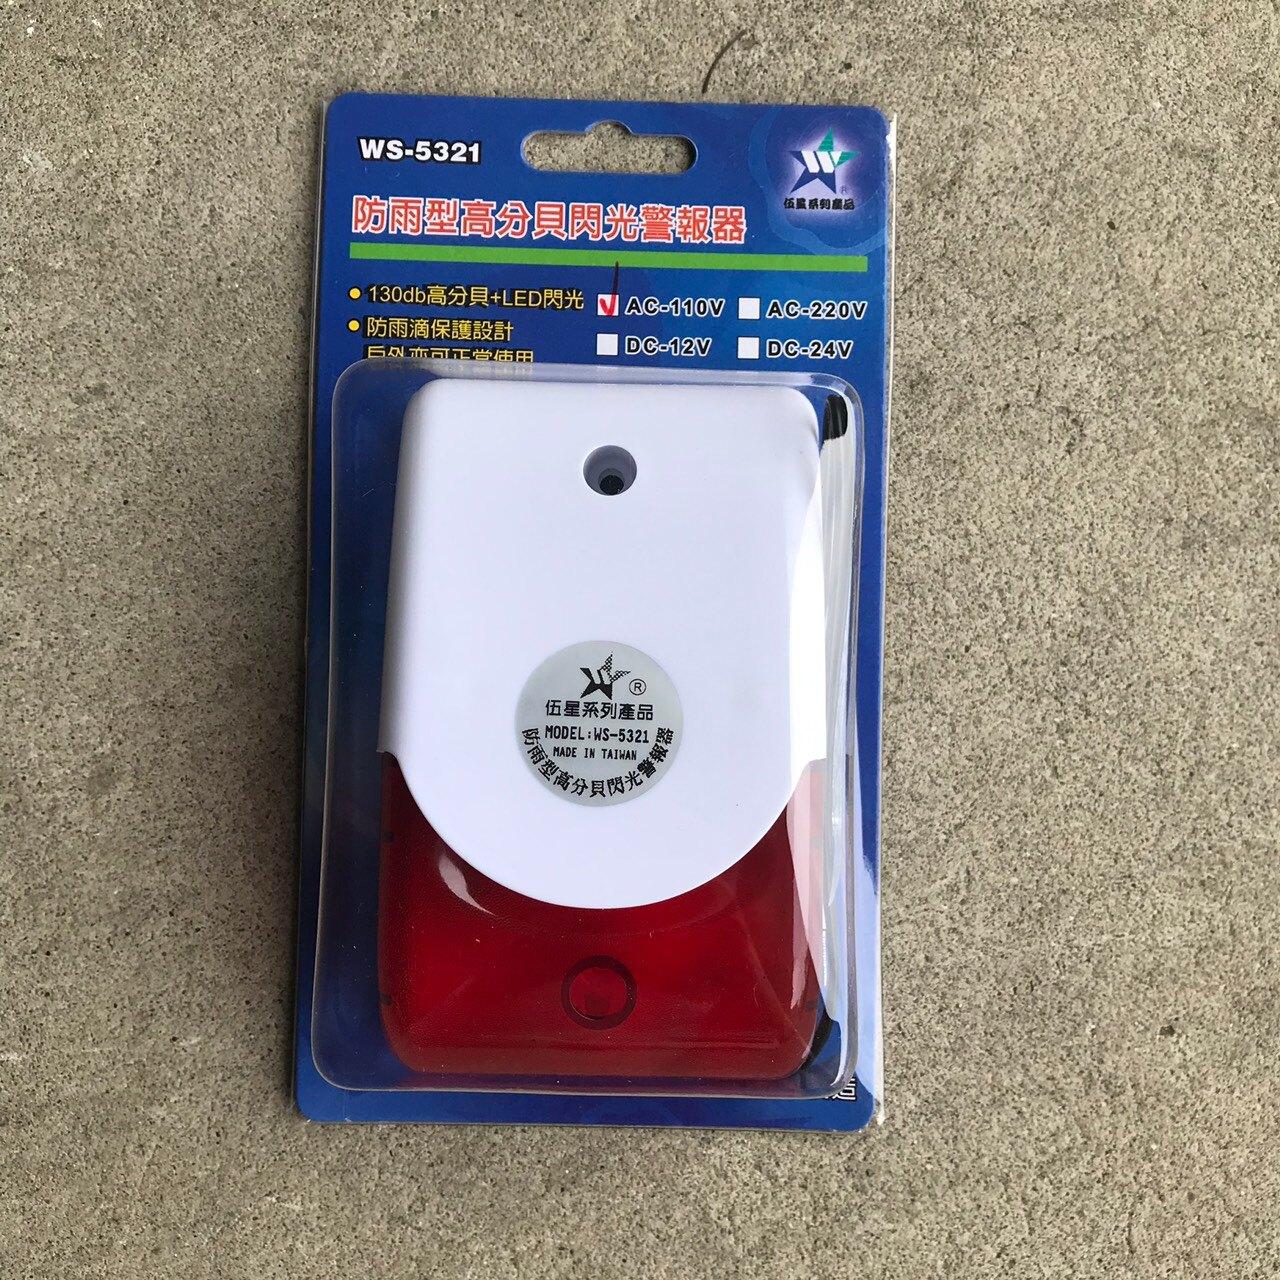 【伍星】防雨型/高分貝閃光警報器WS-5321 AC110V / AC220V